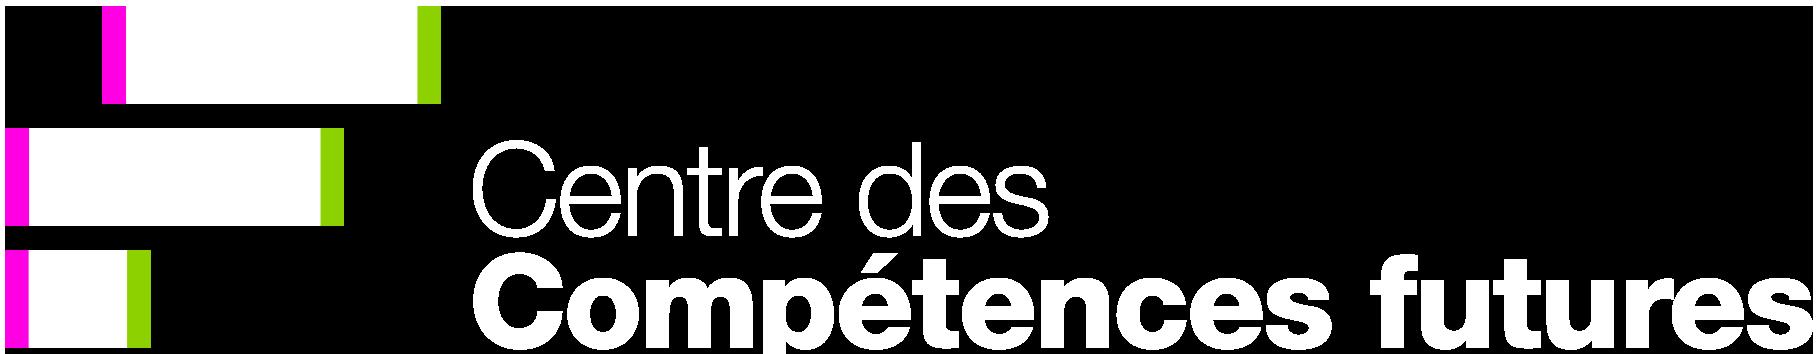 Logo du Centre des Compétences futures